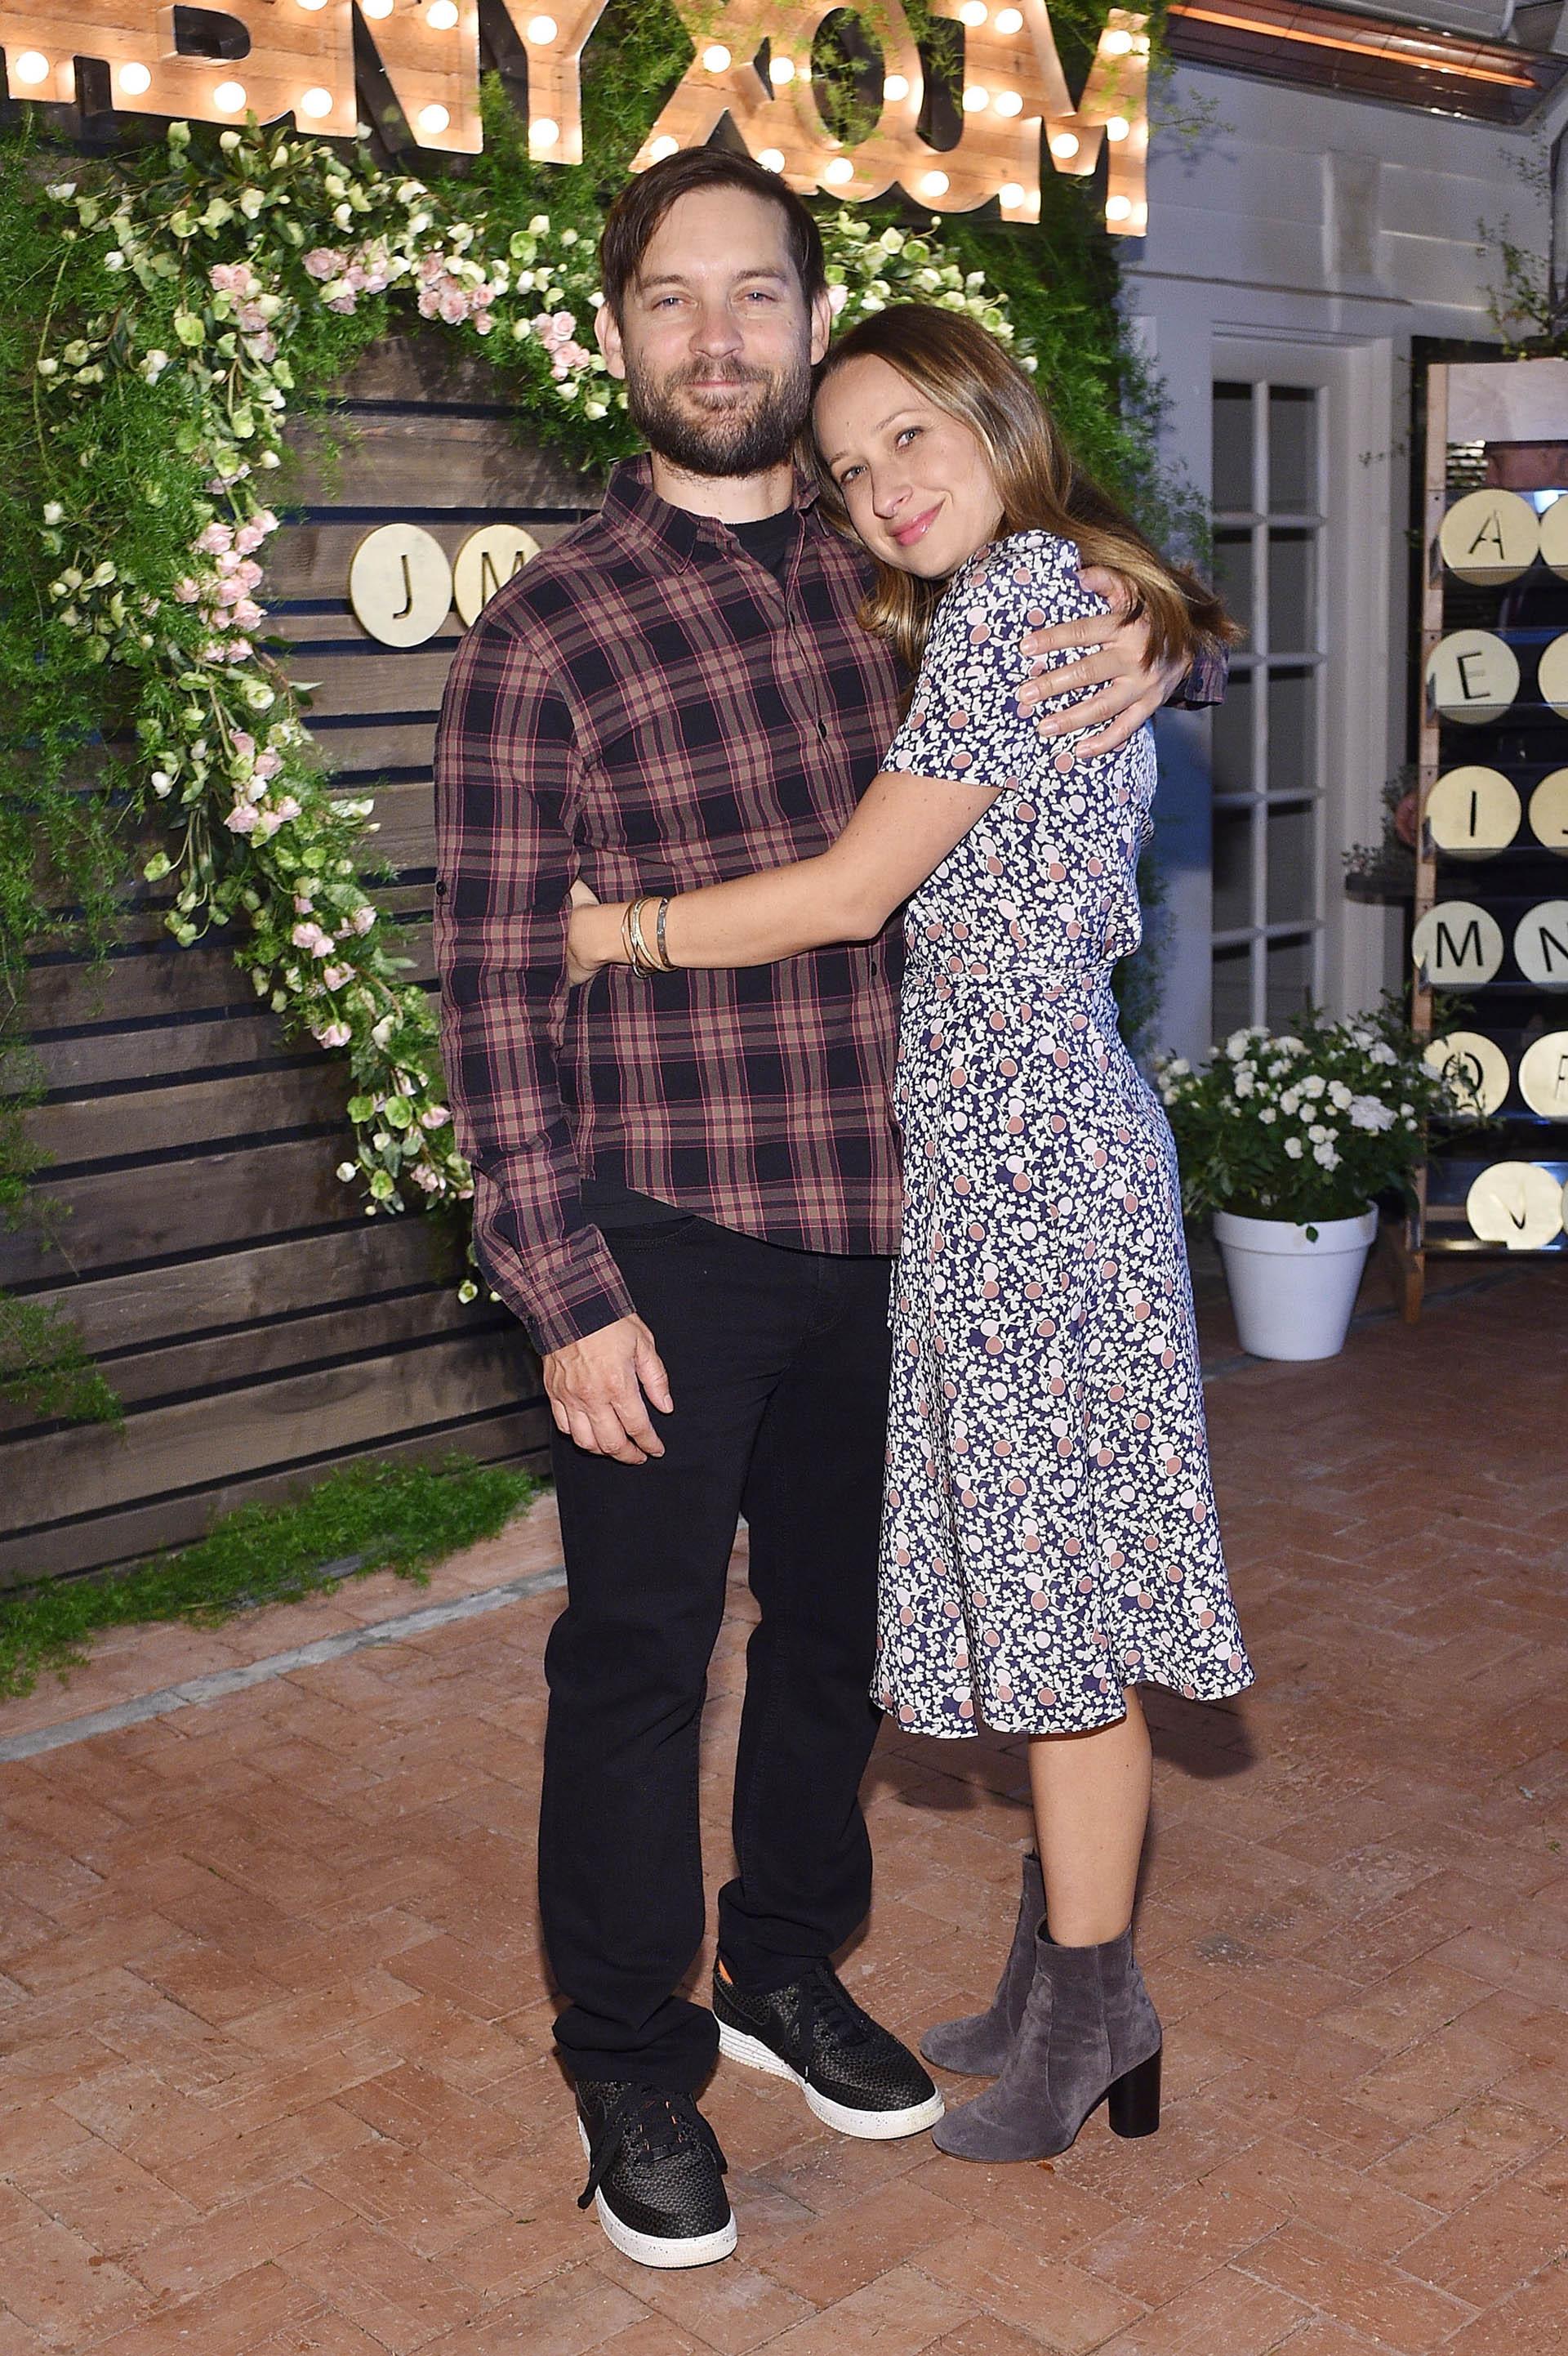 """El protagonista de películas como """"Spider Man"""" Tobey Maguire y Jennifer Meyer se separaron tras nueve años de matrimonio. Tienen dos hijos en común: Ruby, de 9 años, y Otis, de 7."""